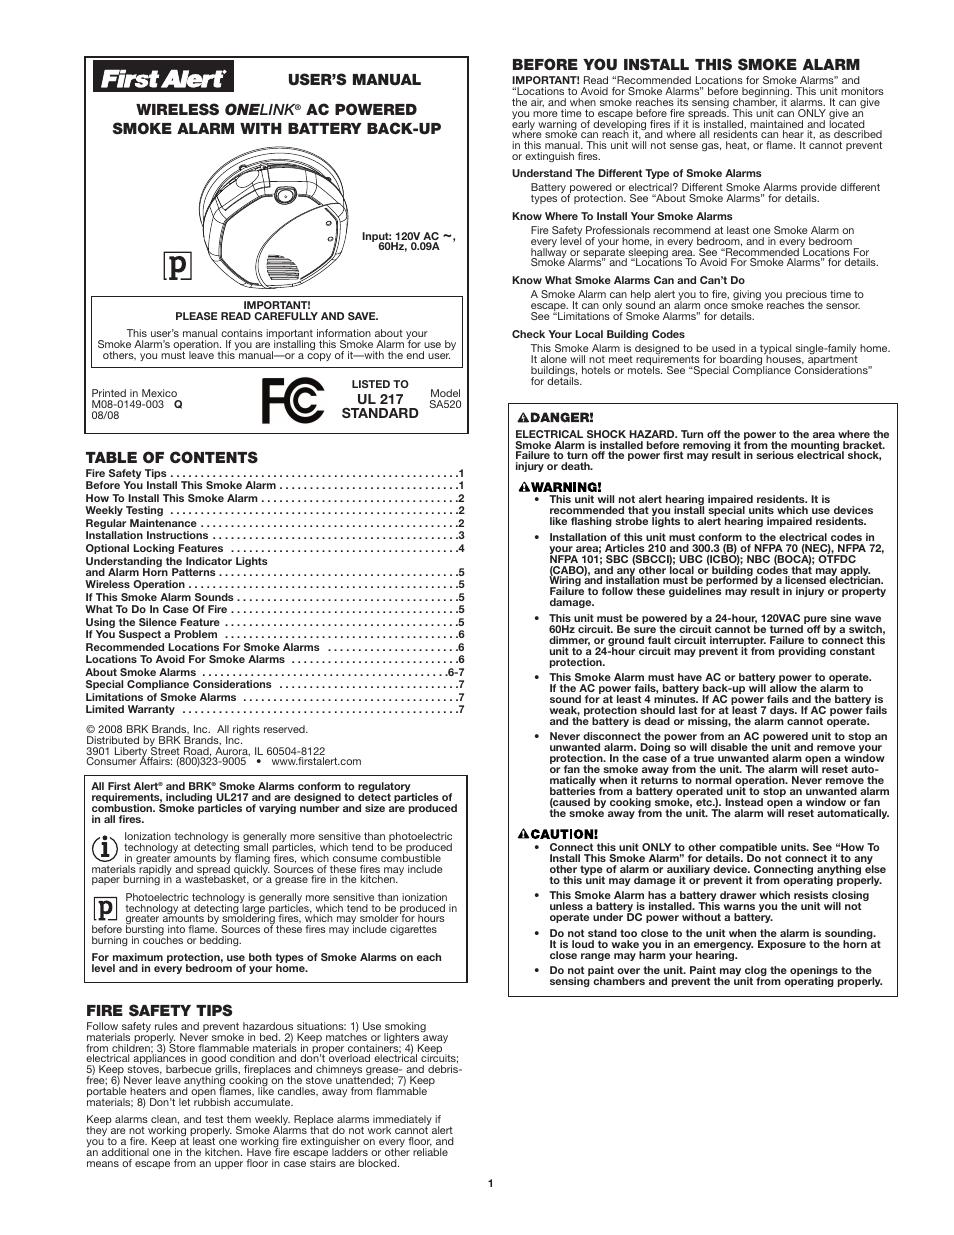 brk first alert sc9120a manual